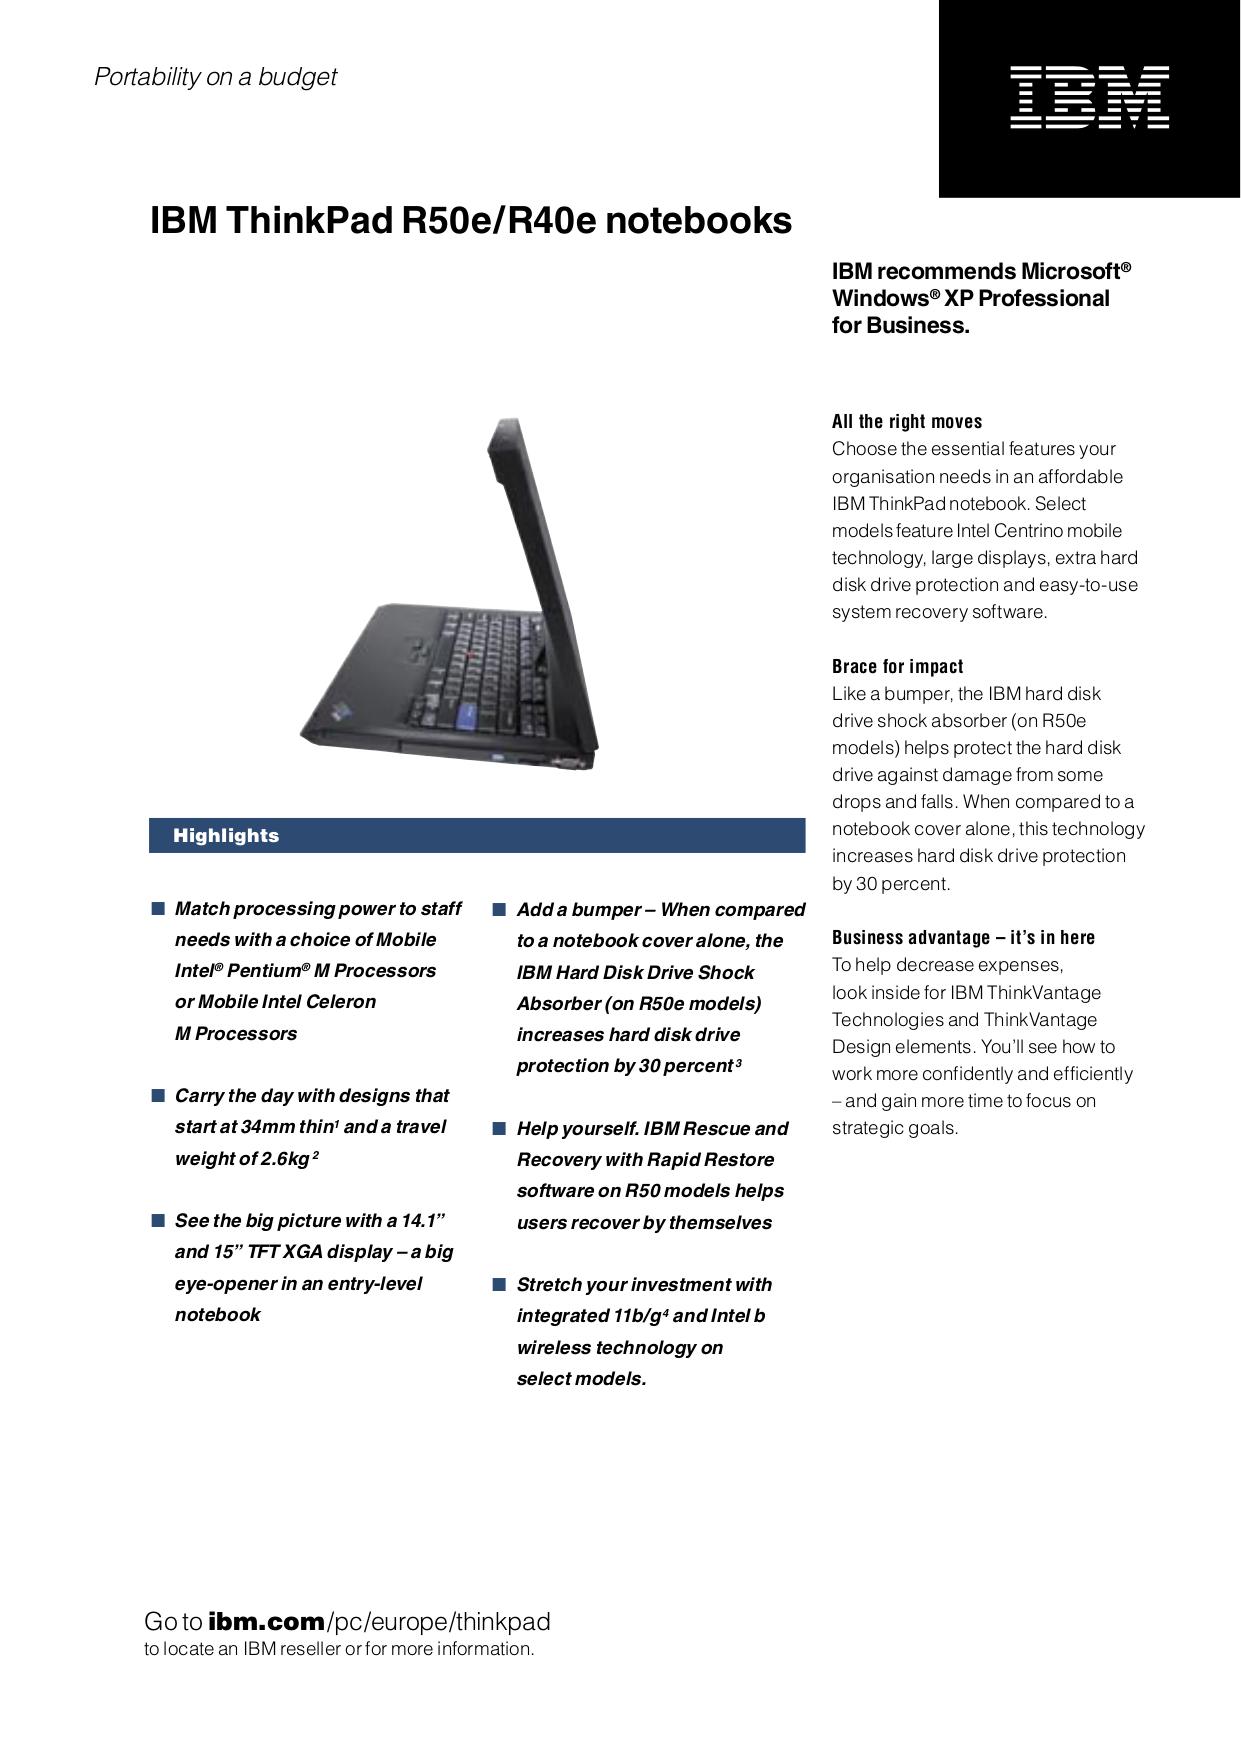 ibm r50 manual user guide manual that easy to read u2022 rh sibere co IBM ThinkPad Manual IBM ThinkPad Laptop Manual